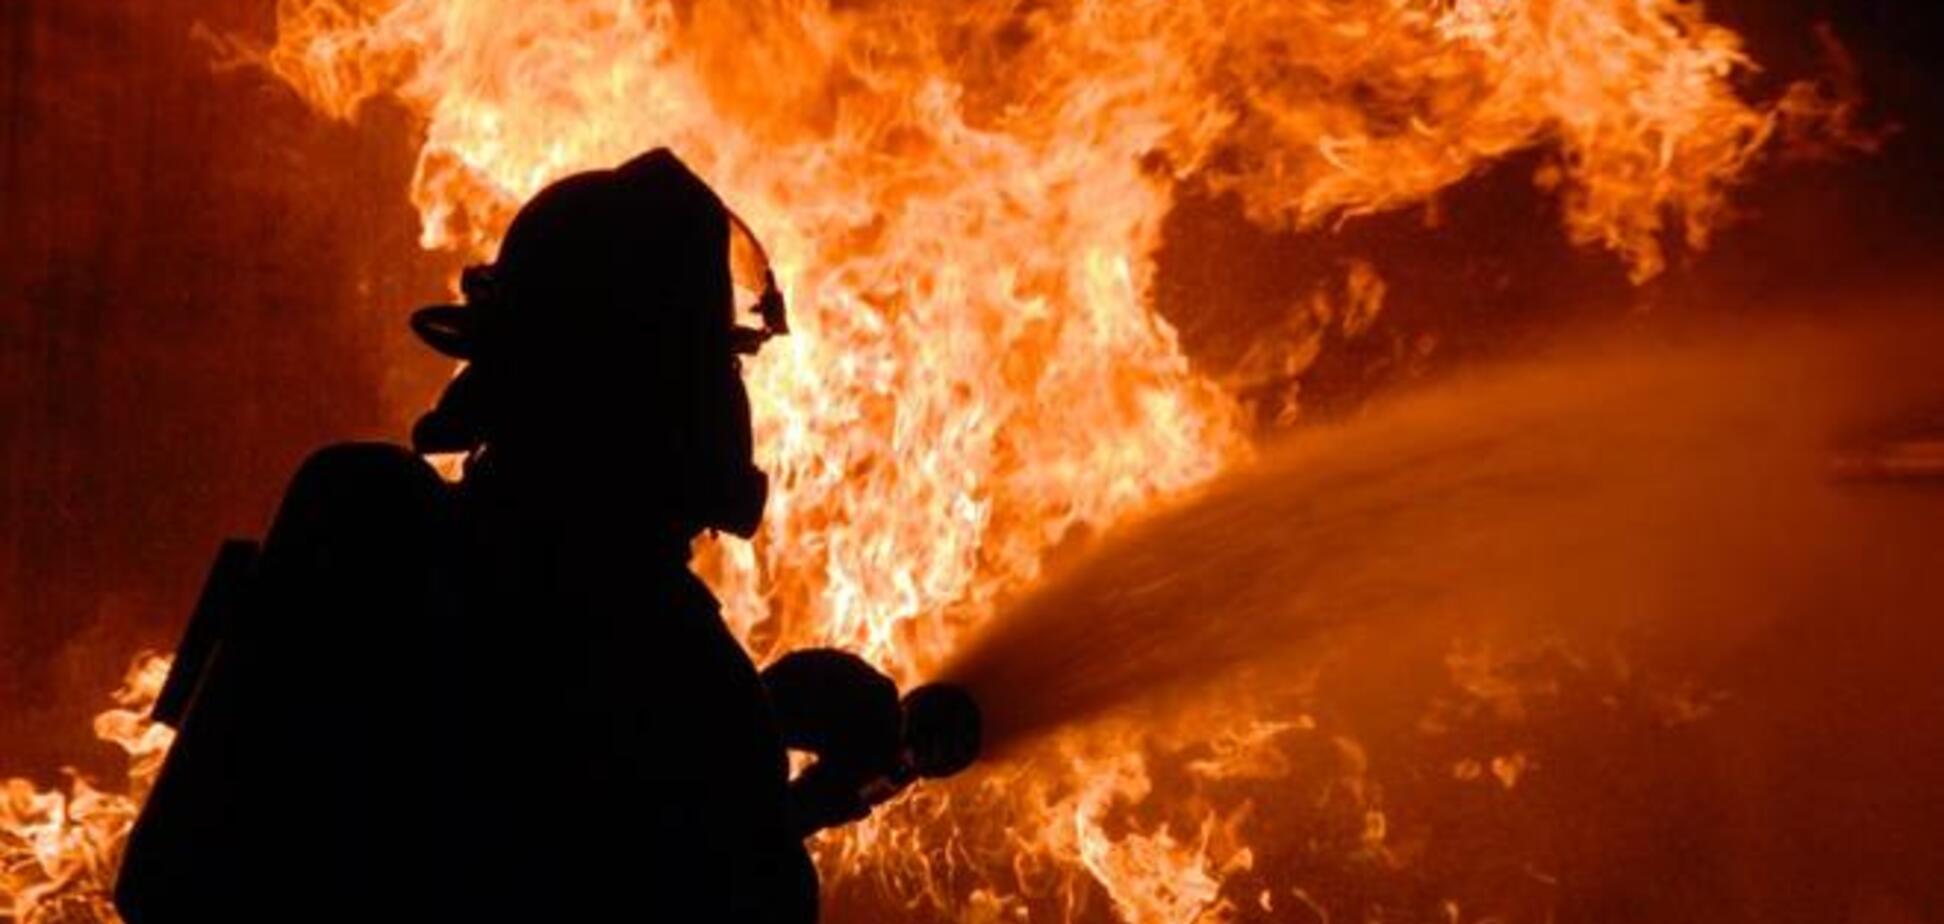 На Житомирщине произошел масштабный пожар в детской больнице